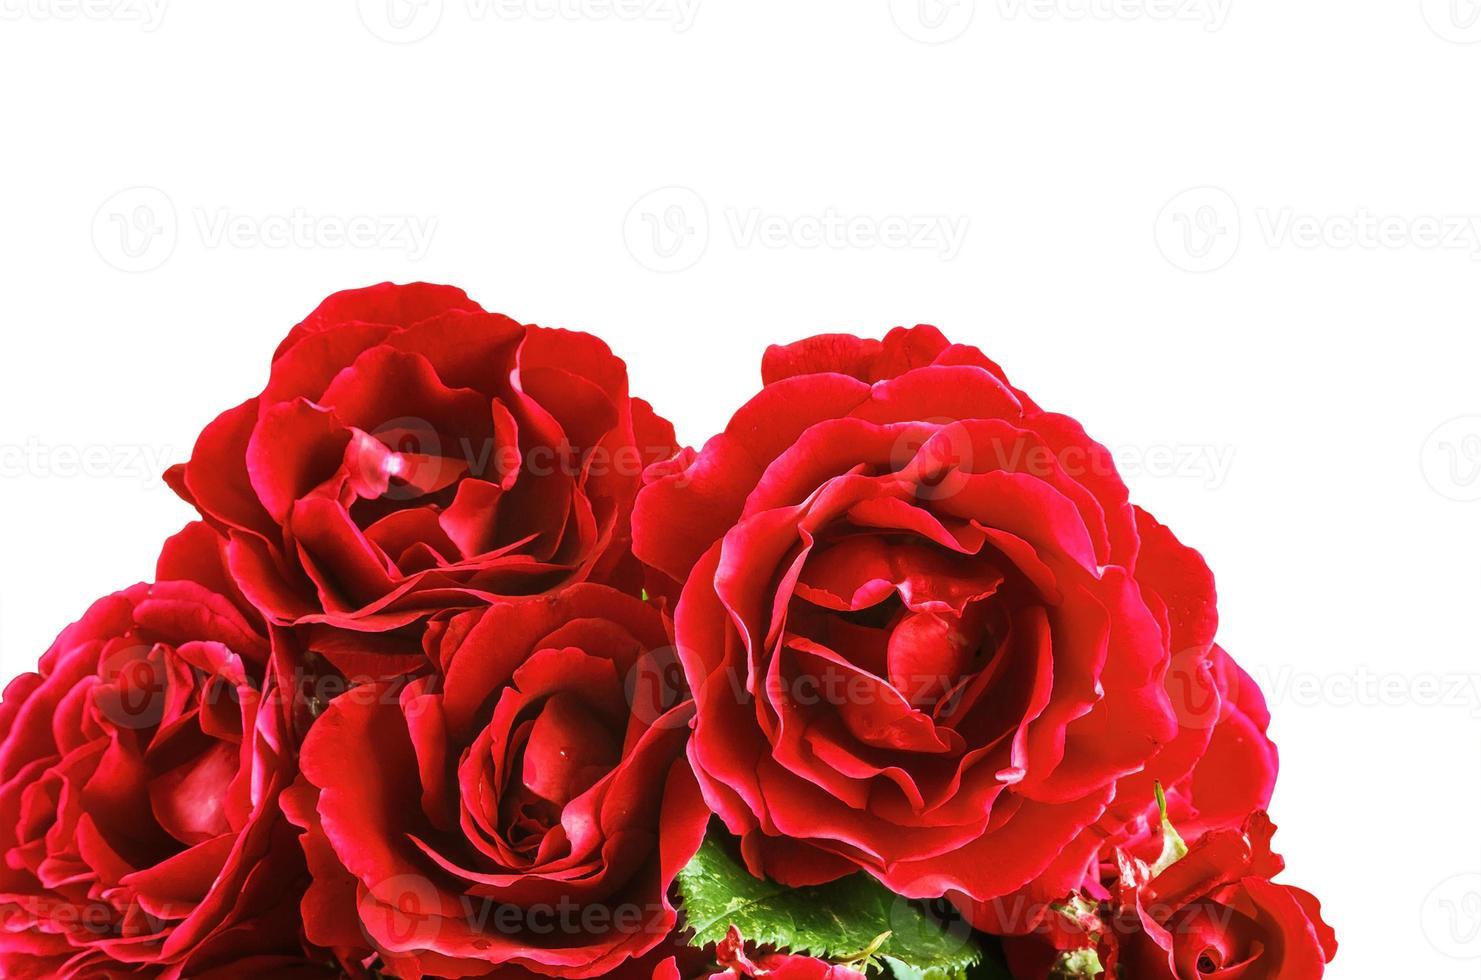 flores rosas vermelhas em um fundo branco foto